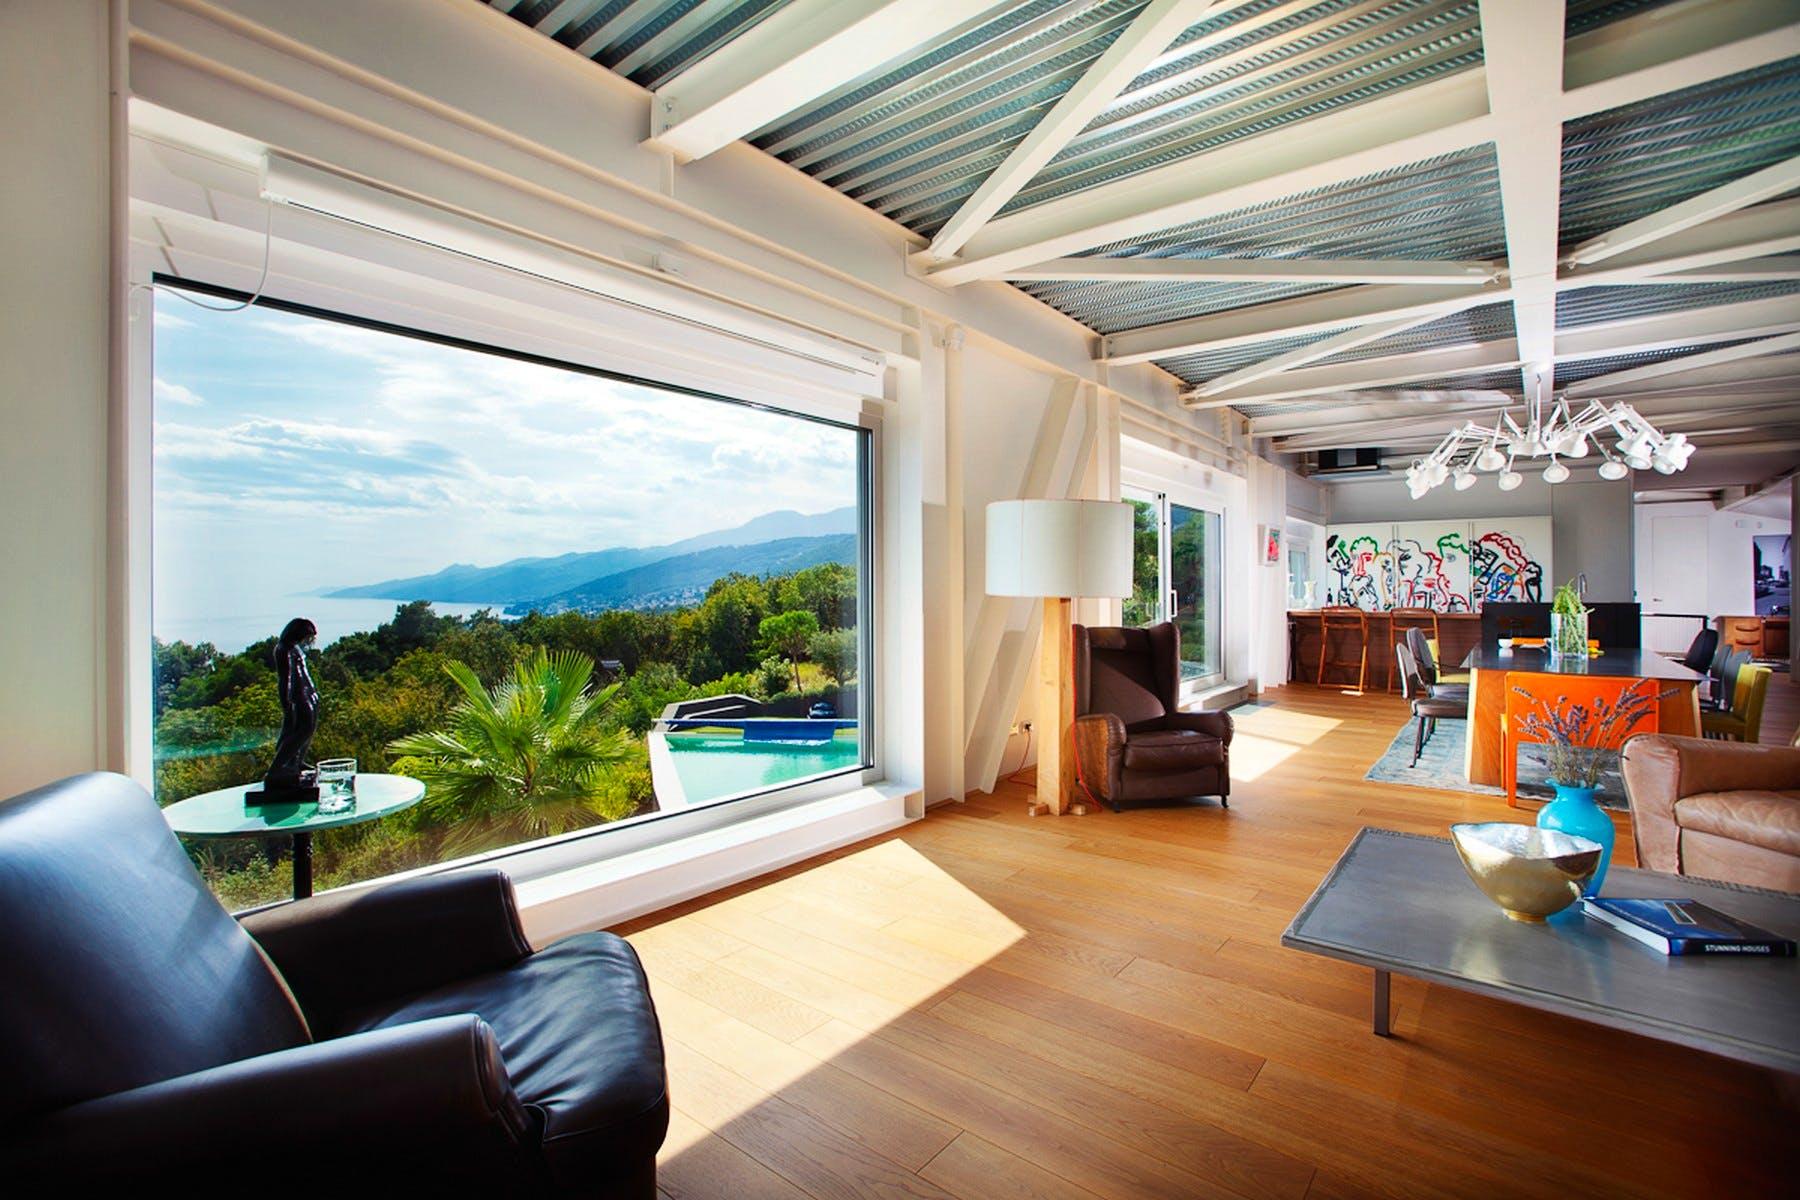 Dnevna soba s pogledom na more